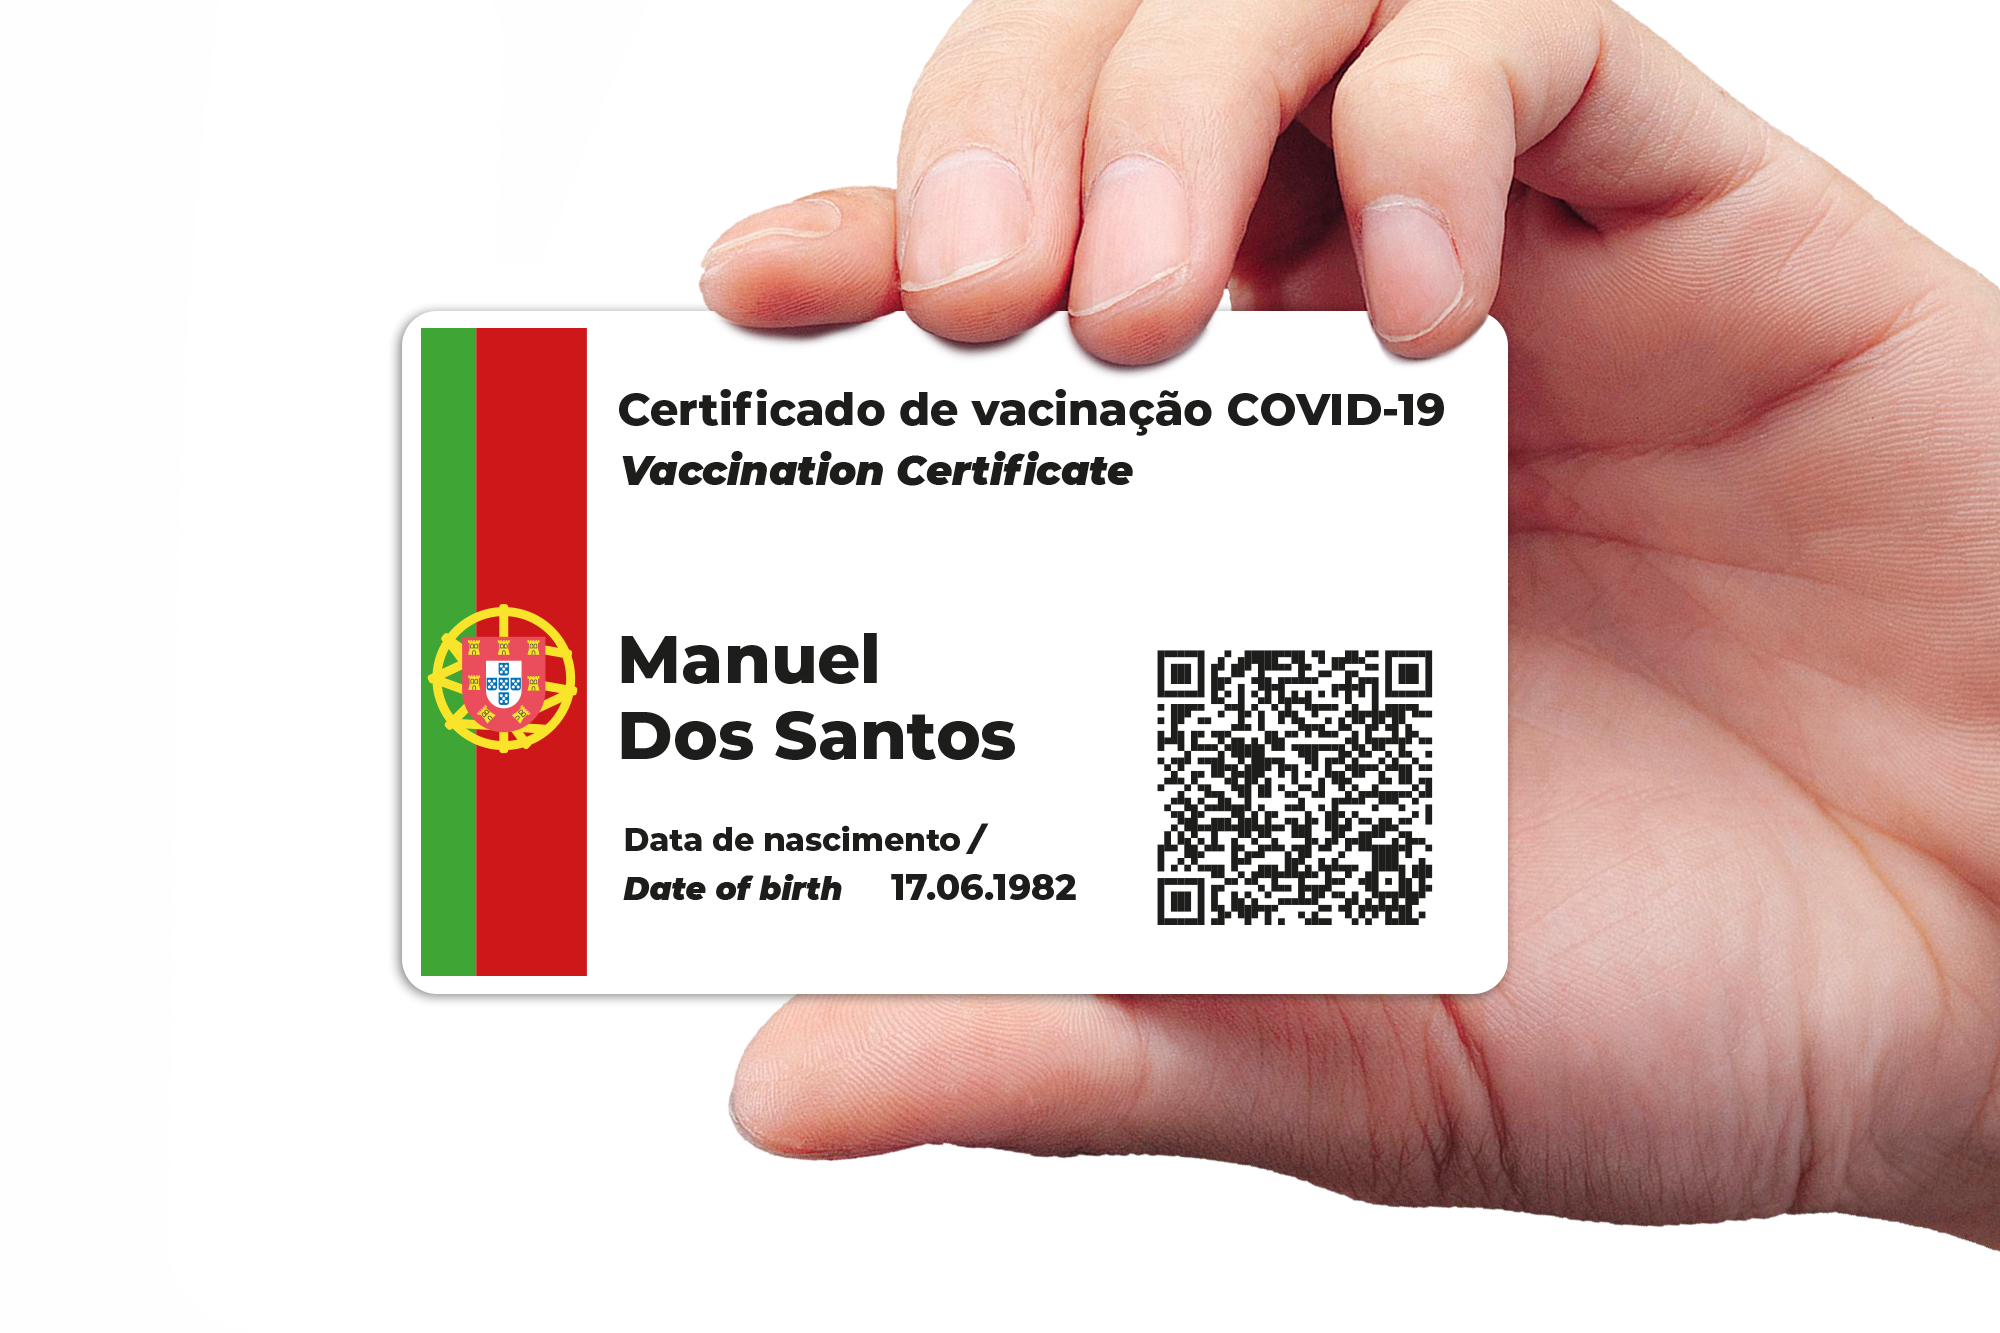 Corona Impfpass drucken Spanisch Certificado de vacunacion CovPass App als Karte, Corona Warn App